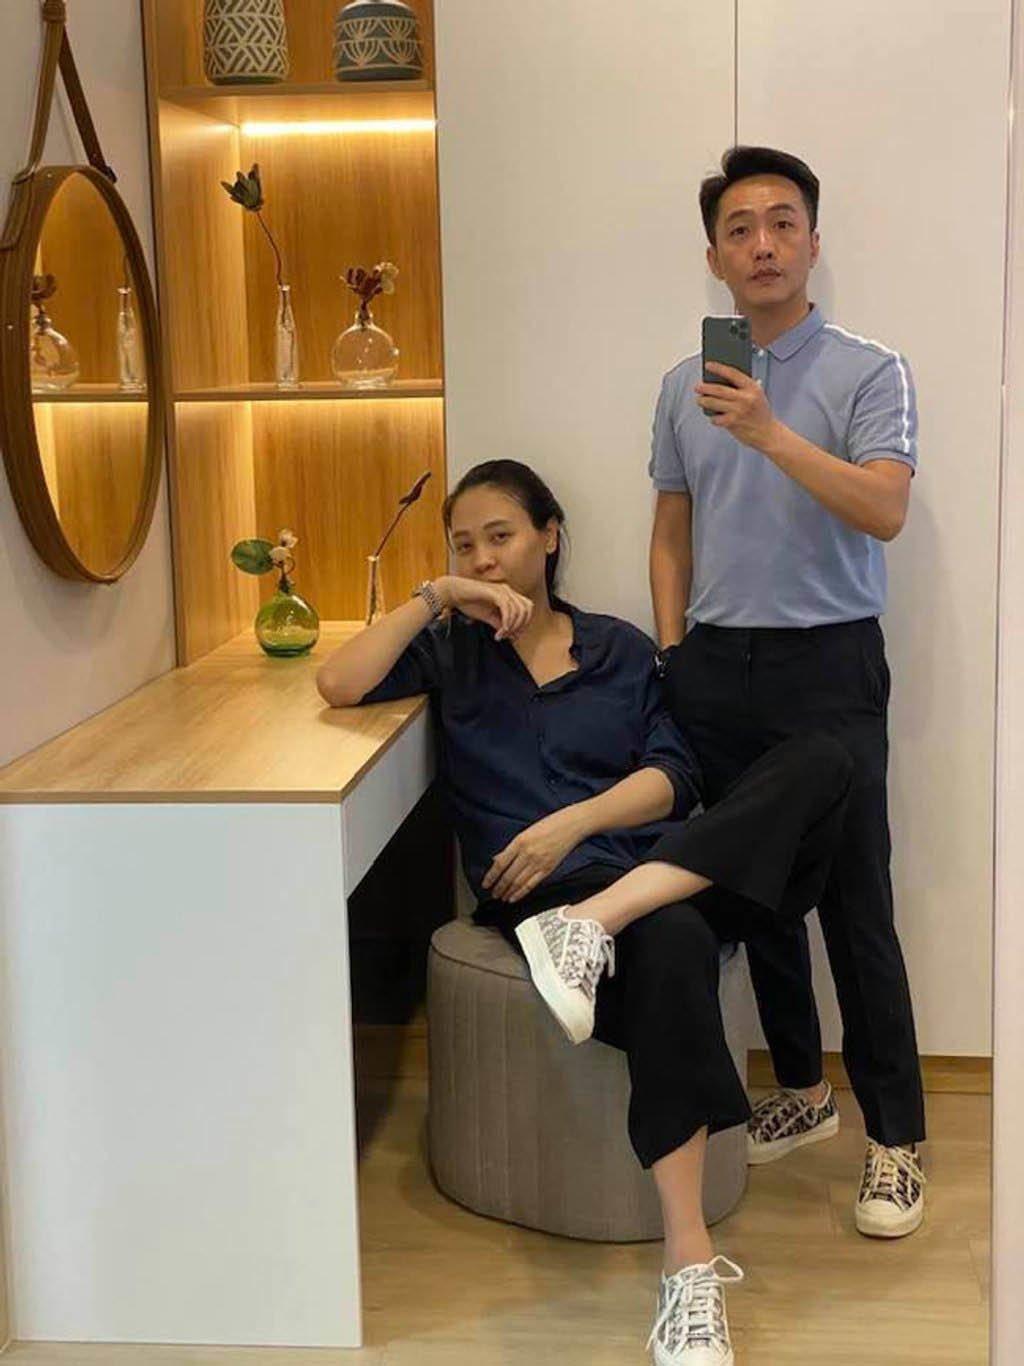 Làm dâu hào môn, Đàm Thu Trang vẫn mặc đơn giản, đi đâu cũng xỏ chân đúng 1 đôi giày - 6